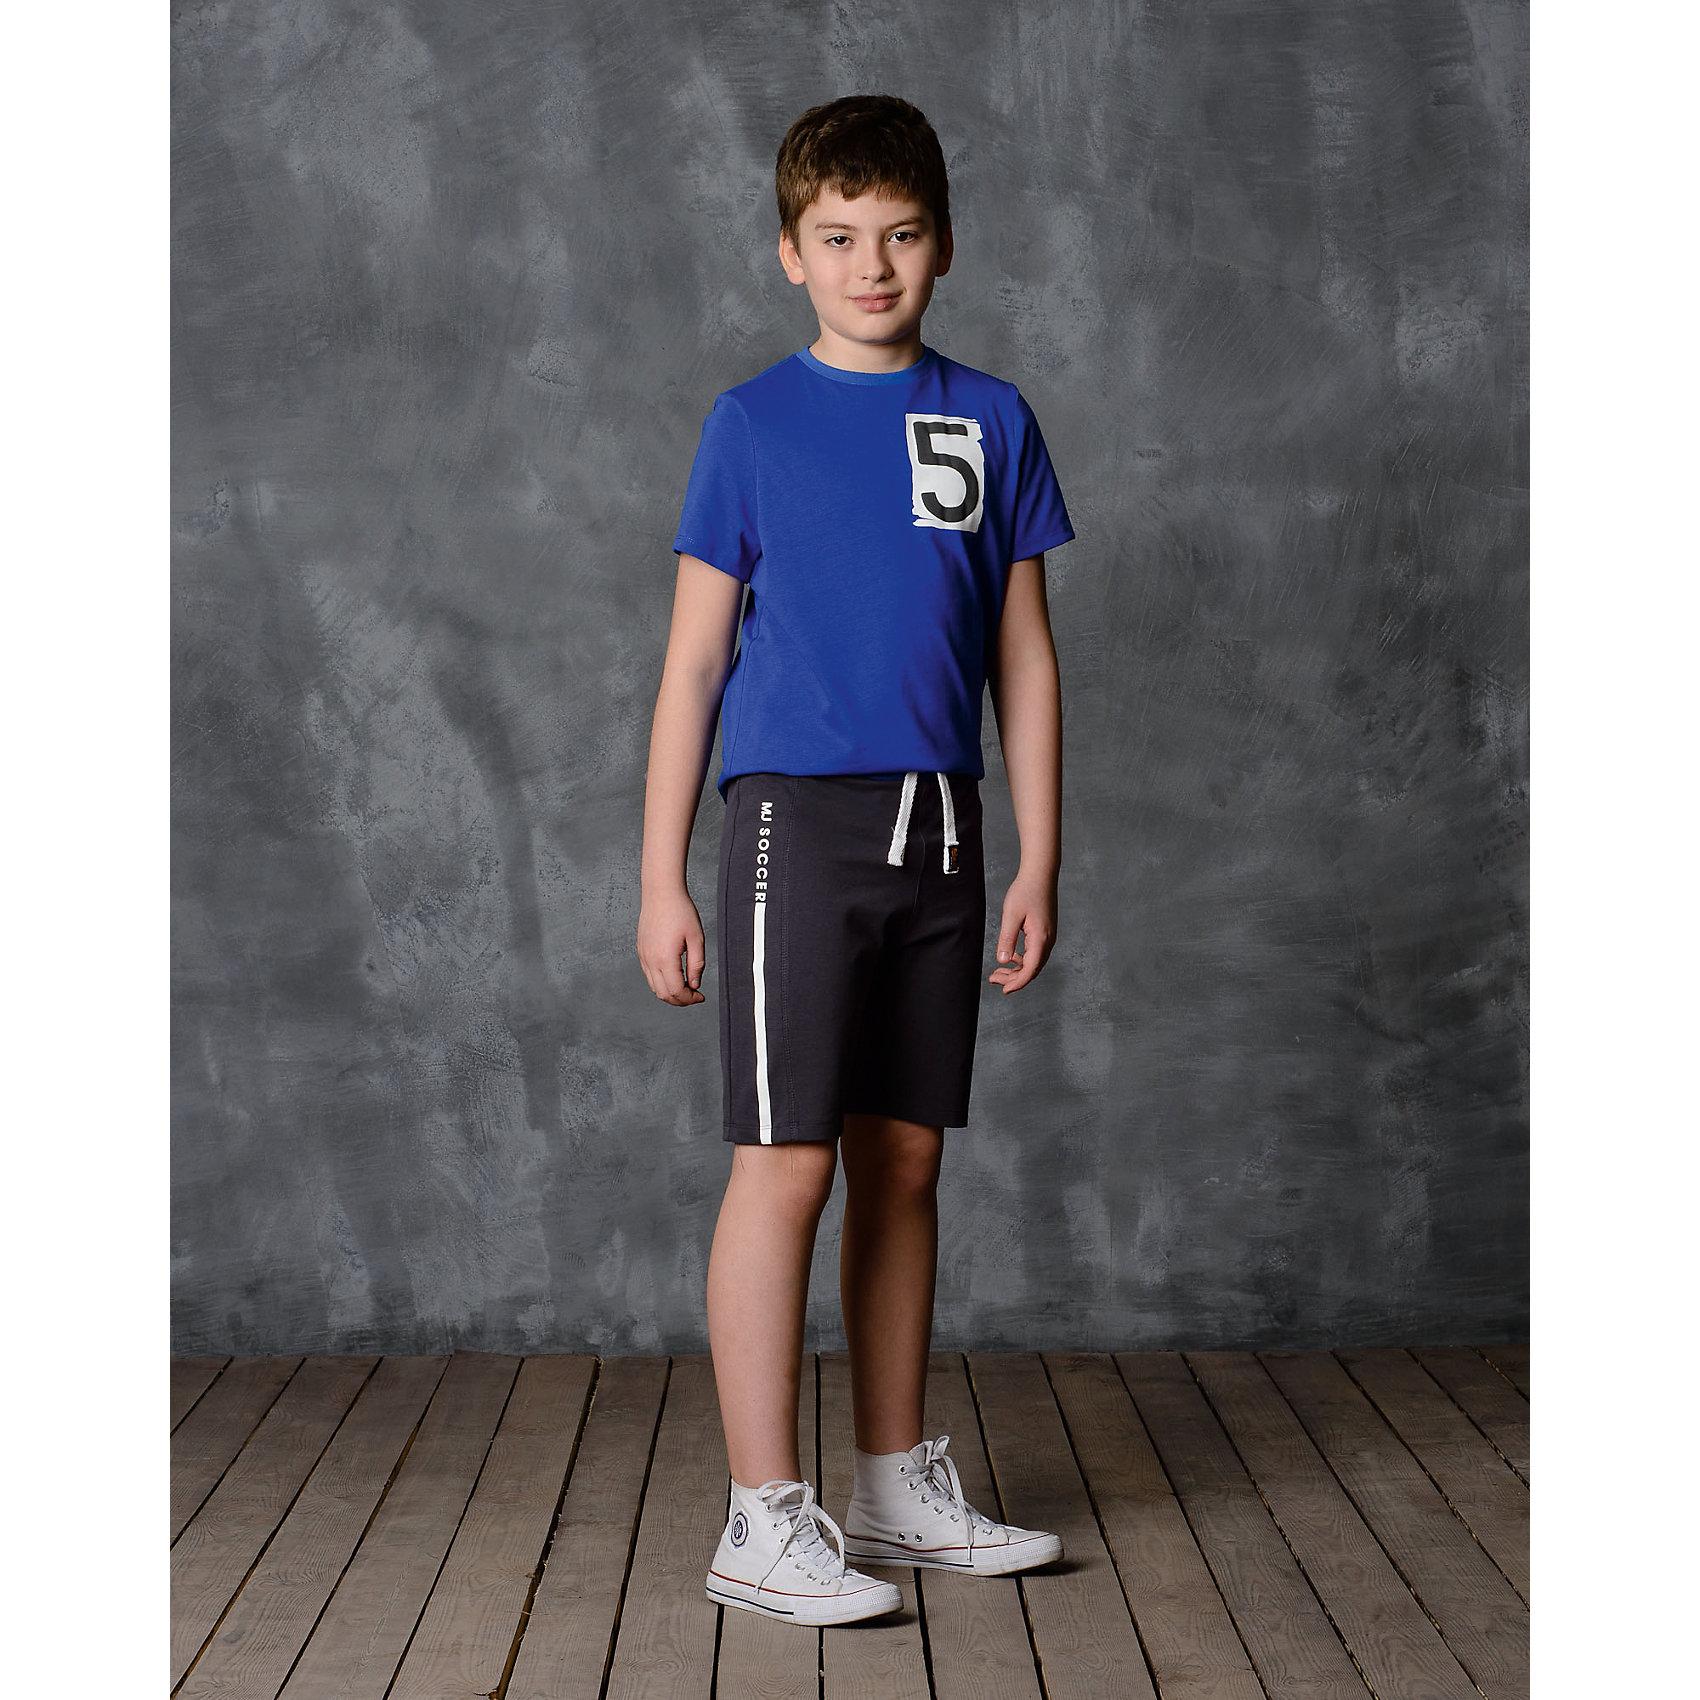 Шорты для мальчика Modniy JukШорты, бриджи, капри<br>Характеристики товара:<br><br>• цвет: синий<br>• состав: 50% хлопок, 50% полиэстер<br>• спортивный силуэт<br>• дышащий материал<br>• пояс - мягкая резинка<br>• логотип<br>• шнурок в поясе<br><br>• страна бренда: Российская Федерация<br>• страна производства: Российская Федерация<br><br>Модели одежды из новой коллекции от бренда Модный жук - это стильные и удобные вещи, созданные специально для детей. Они отличаются продуманным дизайном, качественными материалами и комфортной посадкой. Дети носят их с удовольствием! Стильные шорты спортивного силуэта - хит сезона, отличный вариант базовой вещи для теплой погоды. Они отлично сочетаются с майками, футболками, куртками. Хорошо сидят по фигуре.<br>Одежда и аксессуары от российского бренда Модный жук - это способ пополнить гардероб ребенка модными изделиями по доступной цене. Для их производства используются только безопасные, проверенные материалы и фурнитура. Новая коллекция поддерживает хорошие традиции бренда! <br><br>Шорты для мальчика от популярного бренда Модный жук можно купить в нашем интернет-магазине.<br><br>Ширина мм: 191<br>Глубина мм: 10<br>Высота мм: 175<br>Вес г: 273<br>Цвет: серый<br>Возраст от месяцев: 60<br>Возраст до месяцев: 72<br>Пол: Мужской<br>Возраст: Детский<br>Размер: 116,140,122,110,104,98,146<br>SKU: 5614066